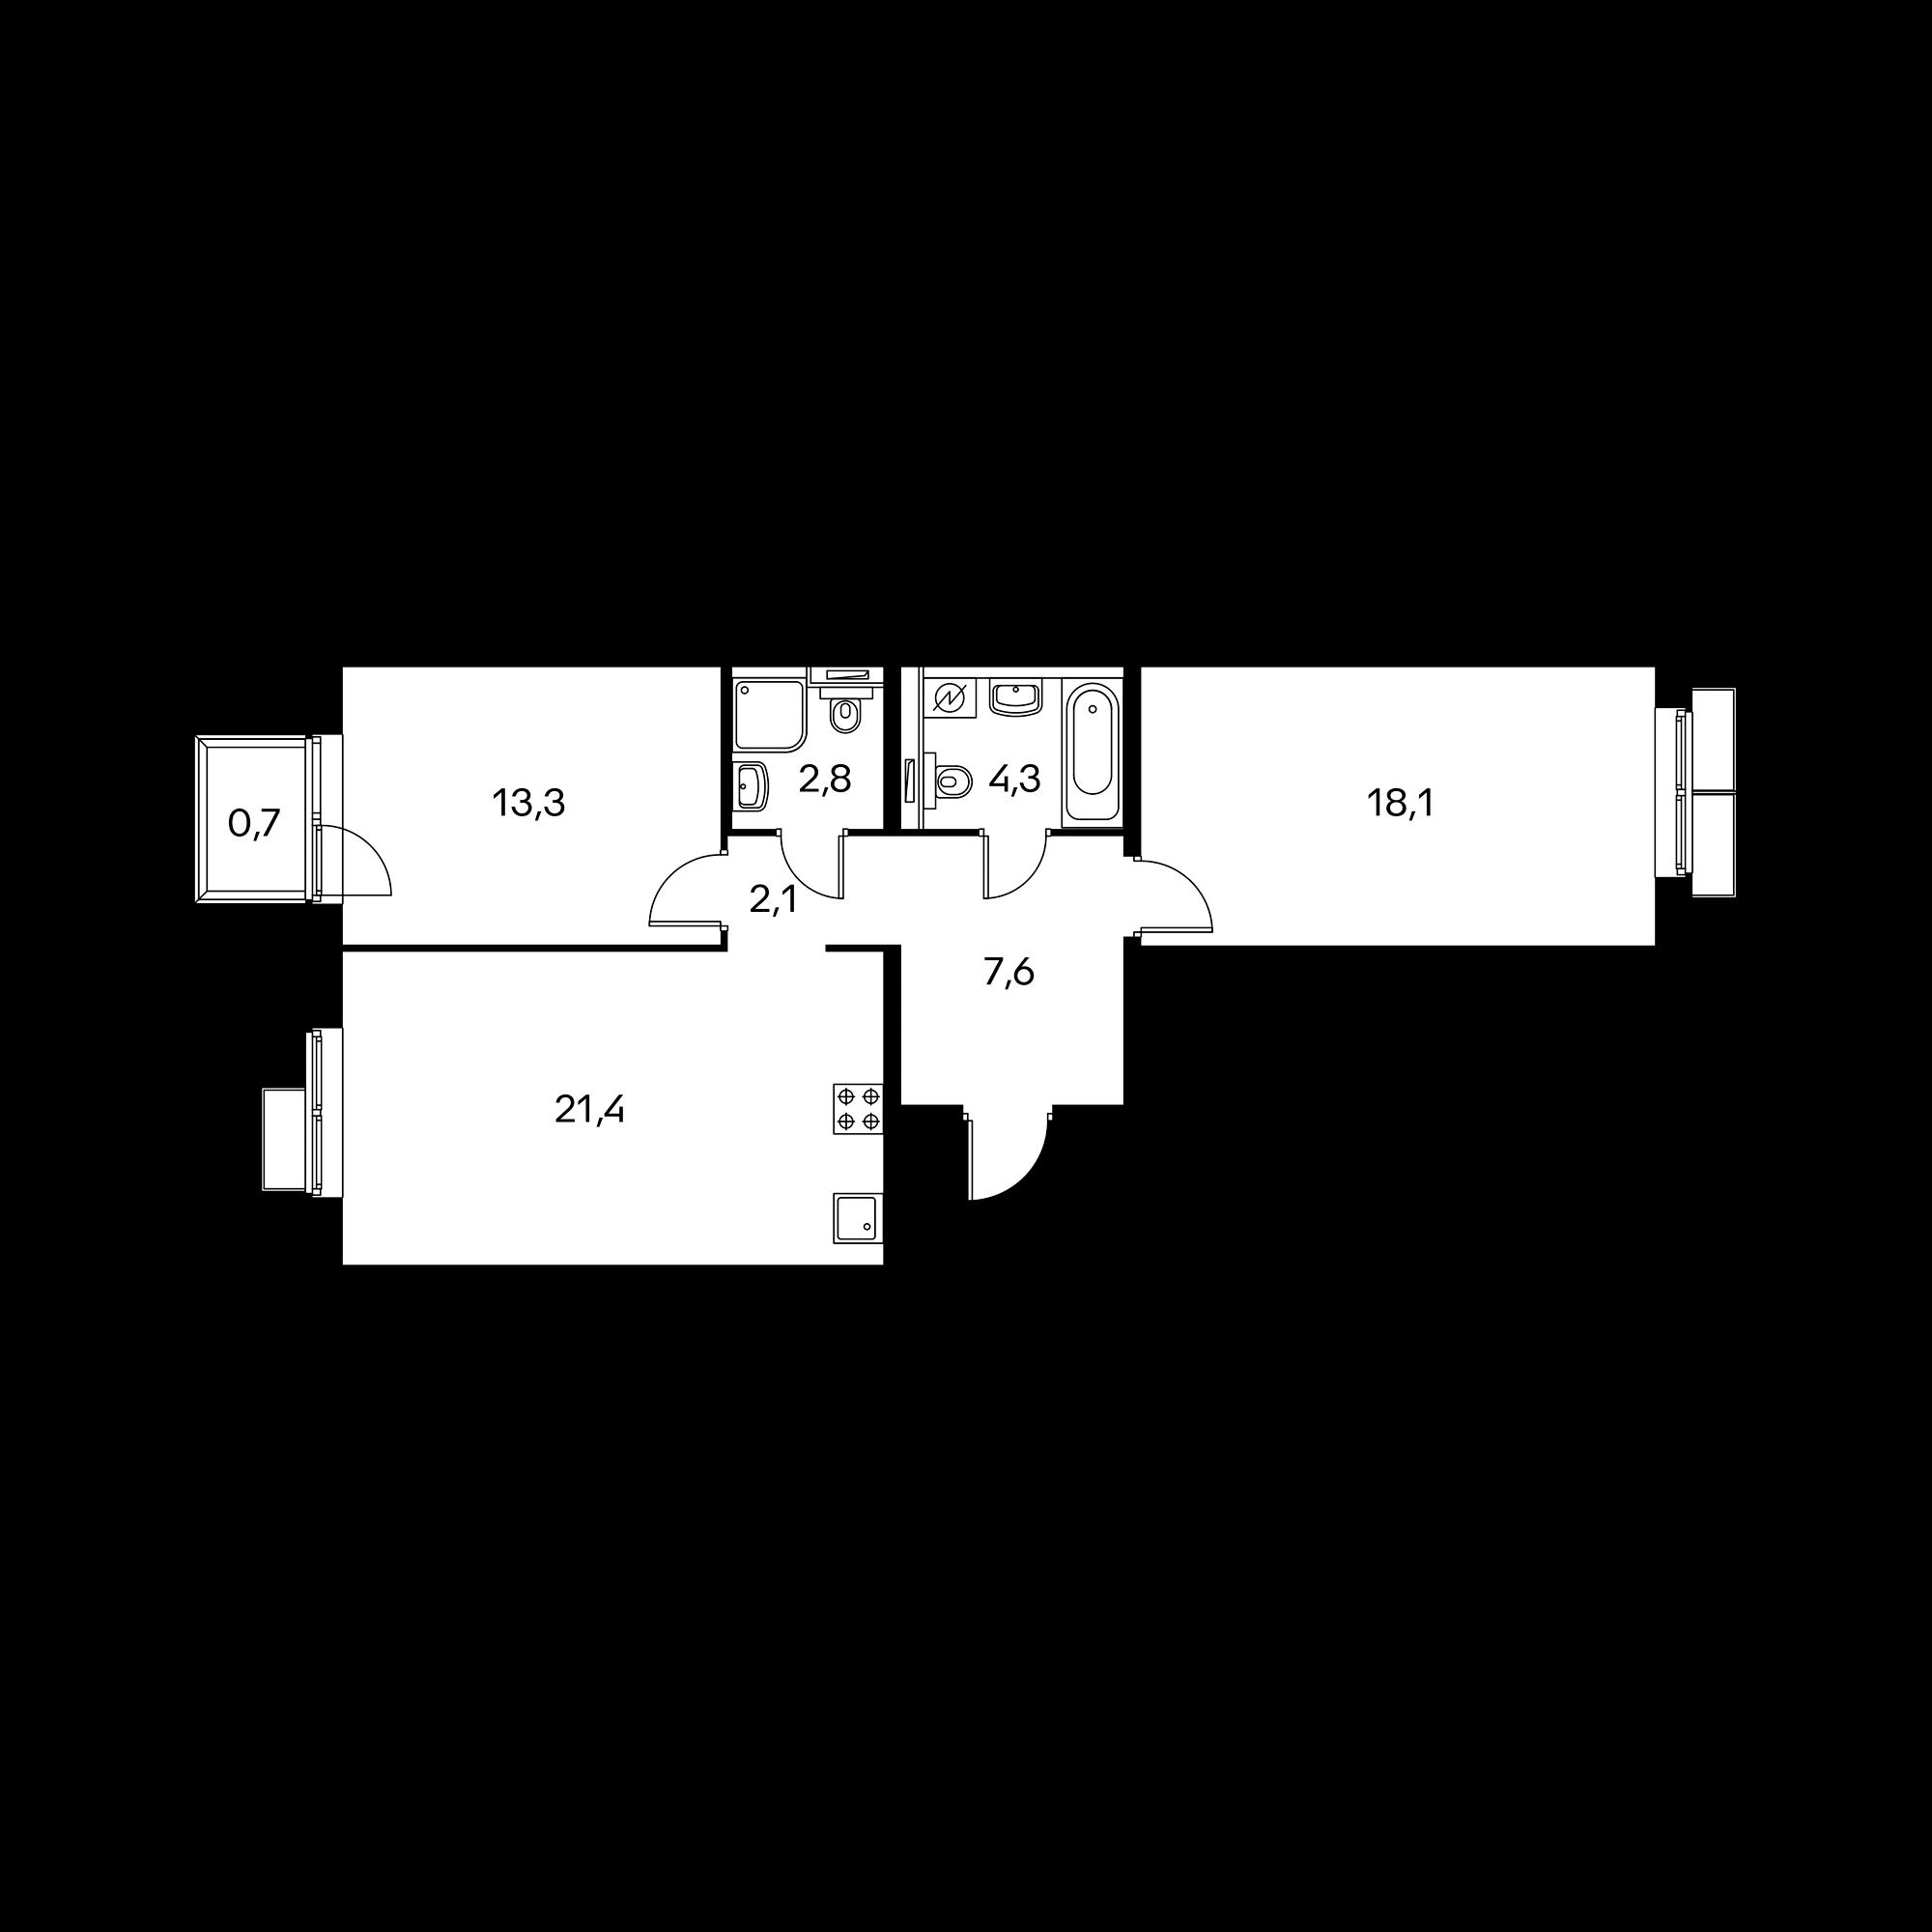 2EL10_6.9-1_S_ZB